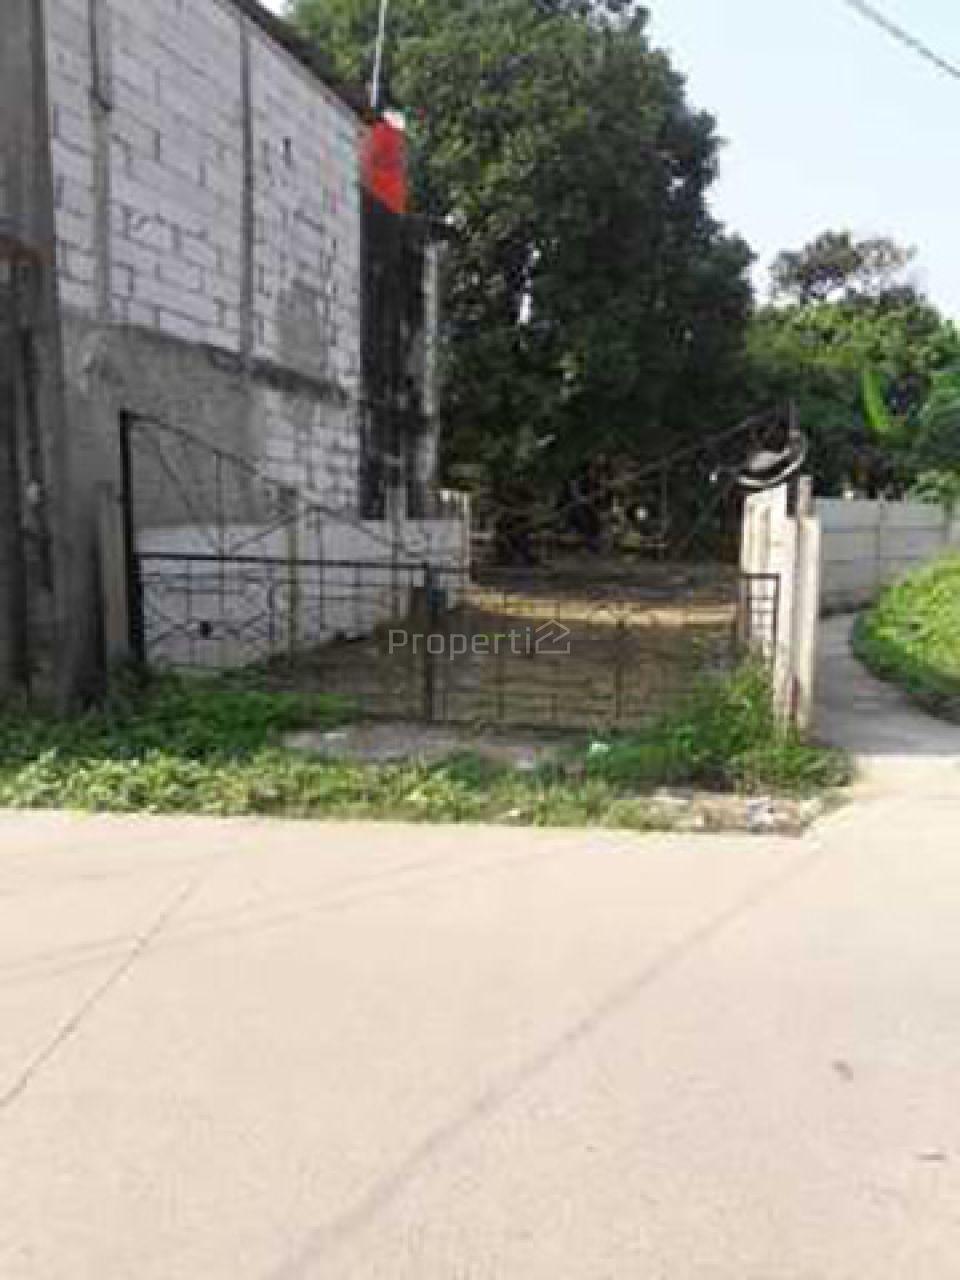 Lahan Peruntukan Perumahan di Tangerang, Banten